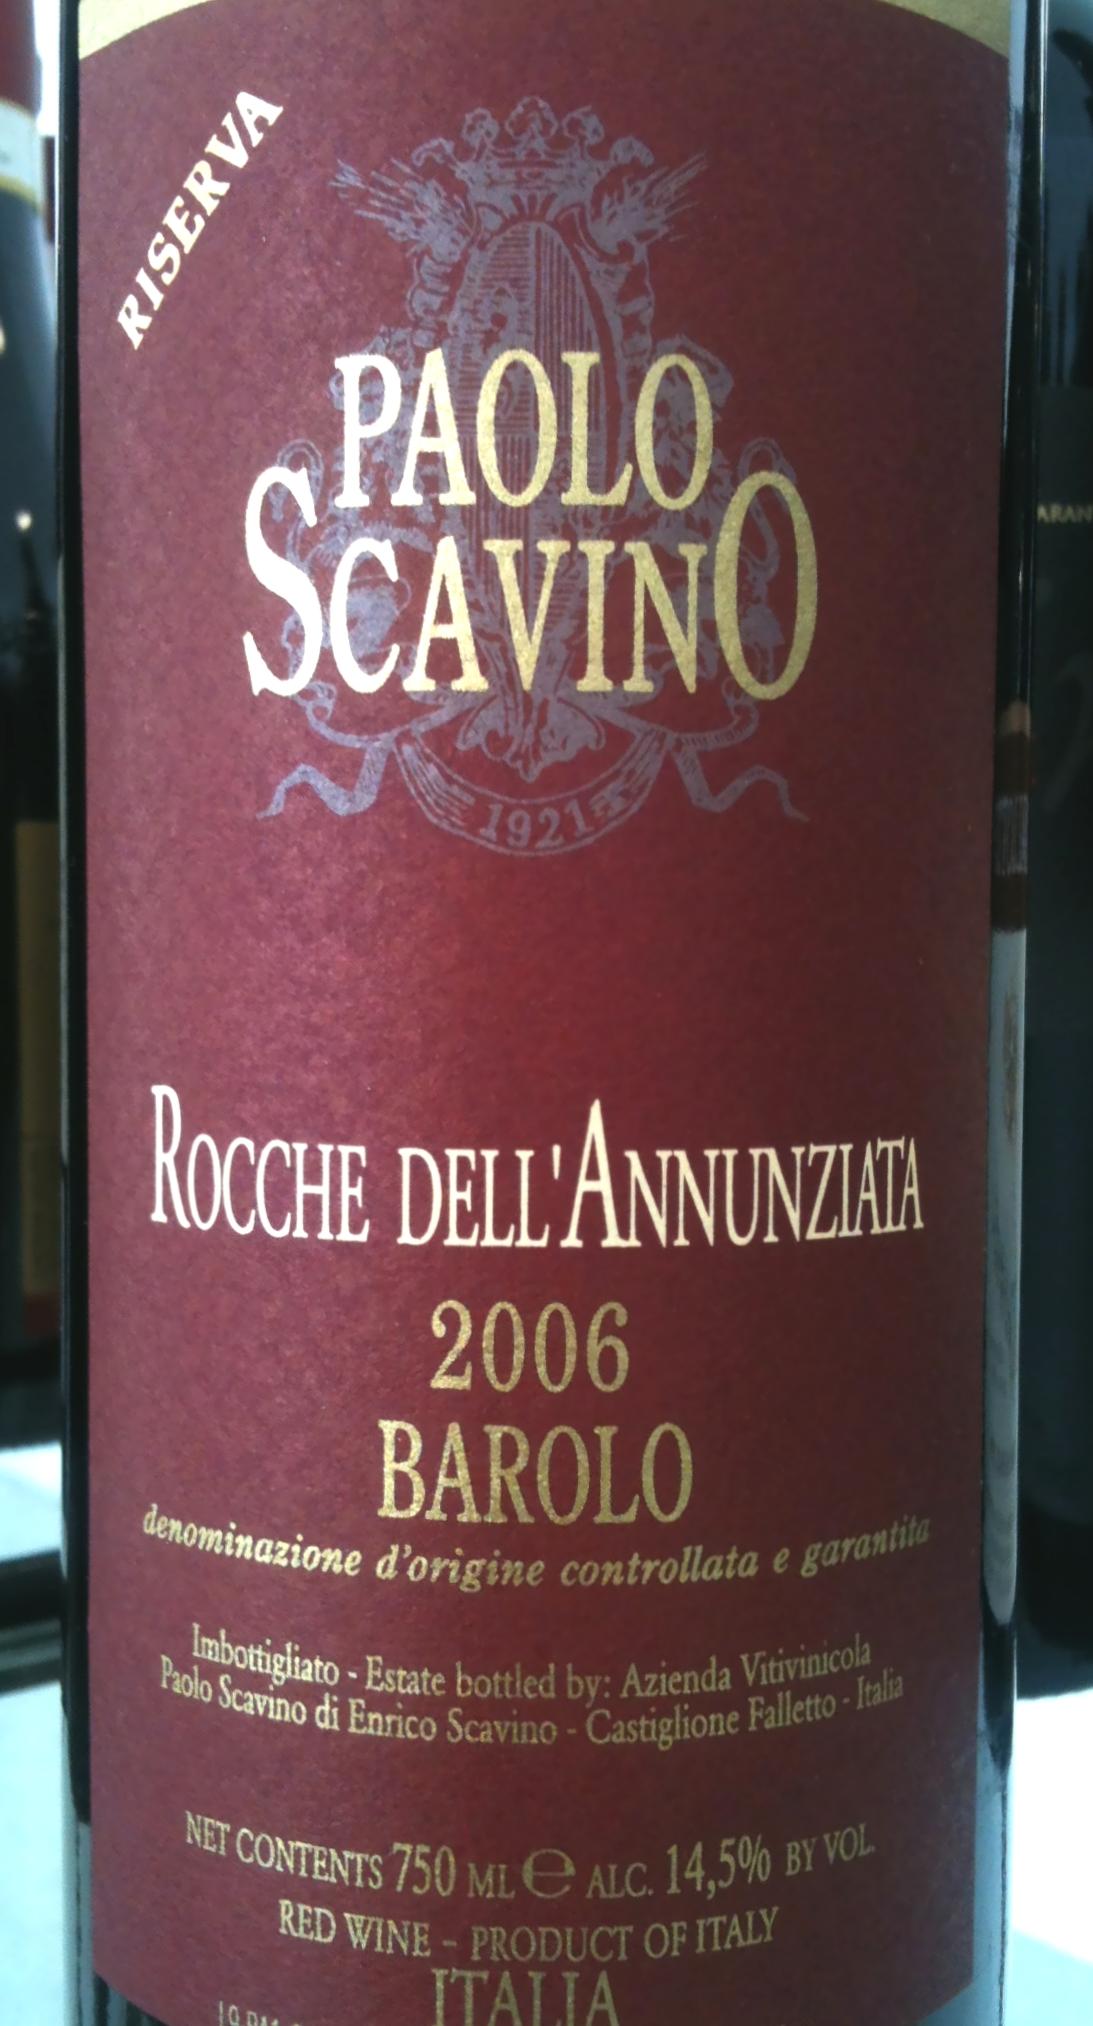 Paolo Scavino Barolo Riserva Rocche dell'Annunziata 2006